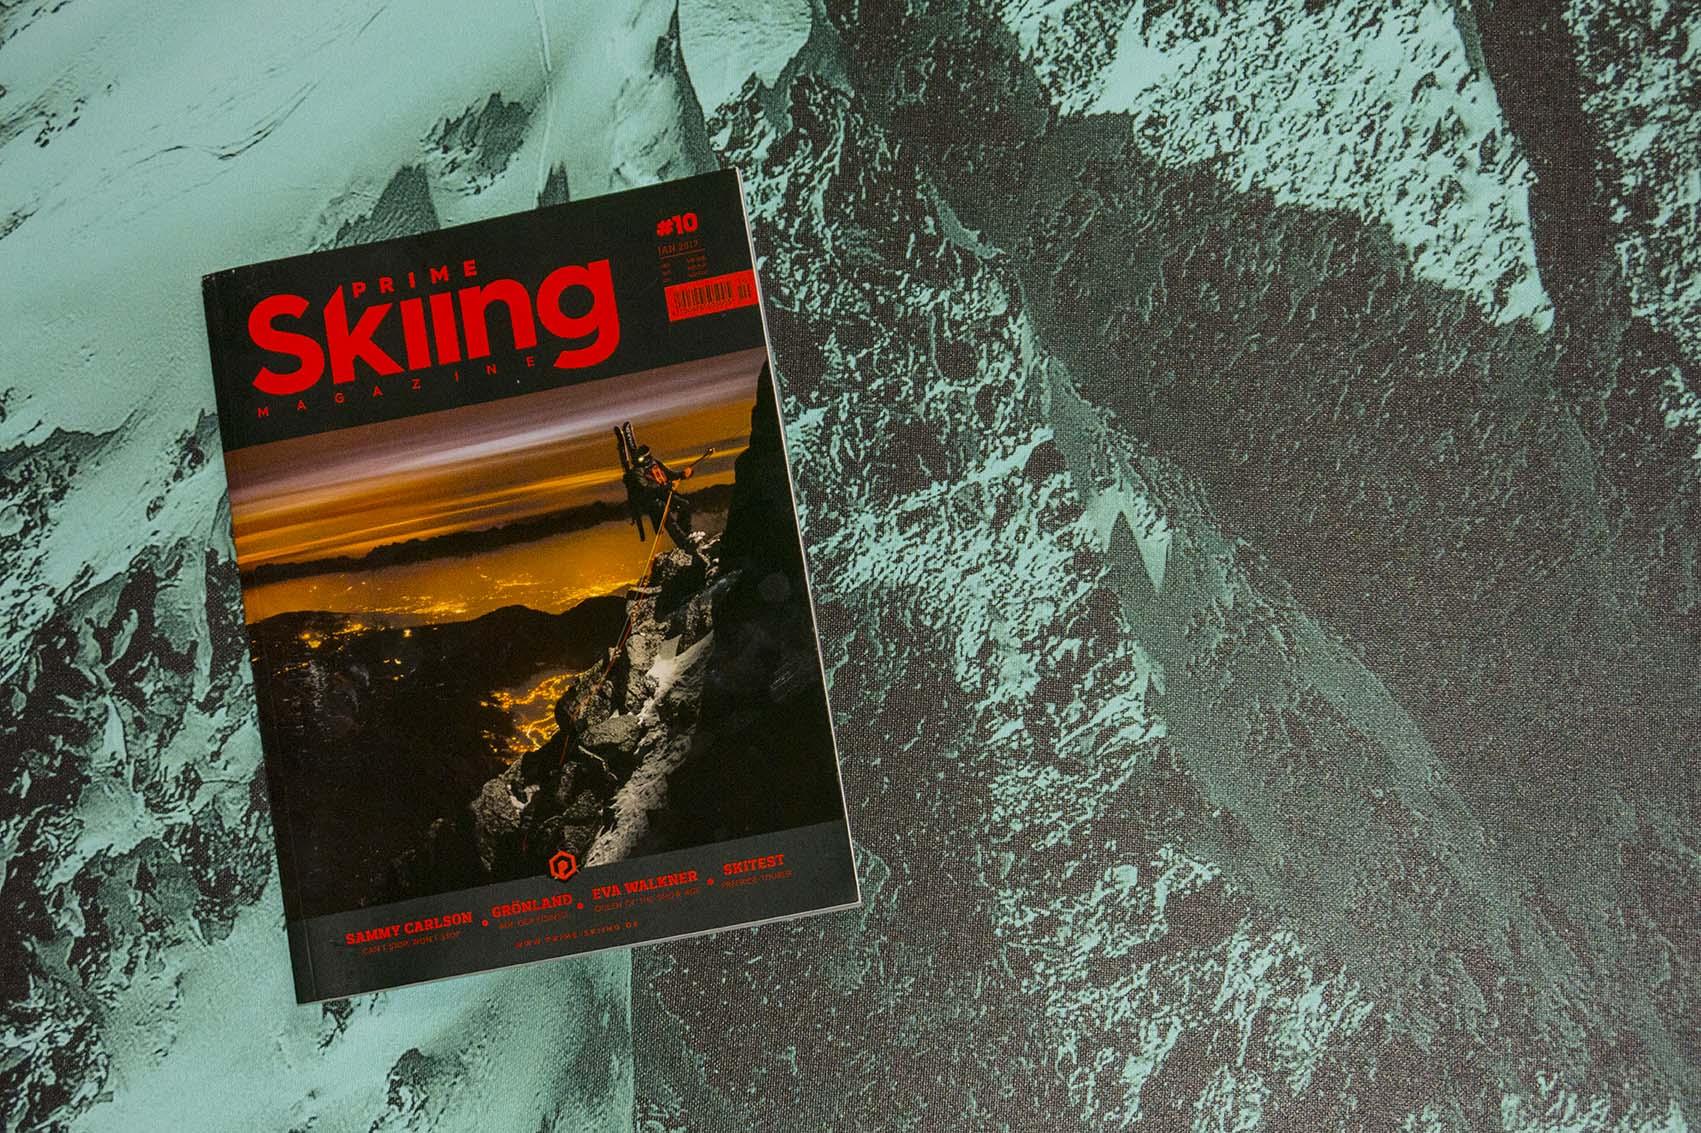 Prime Skiing #10 – Jetzt am Kiosk!